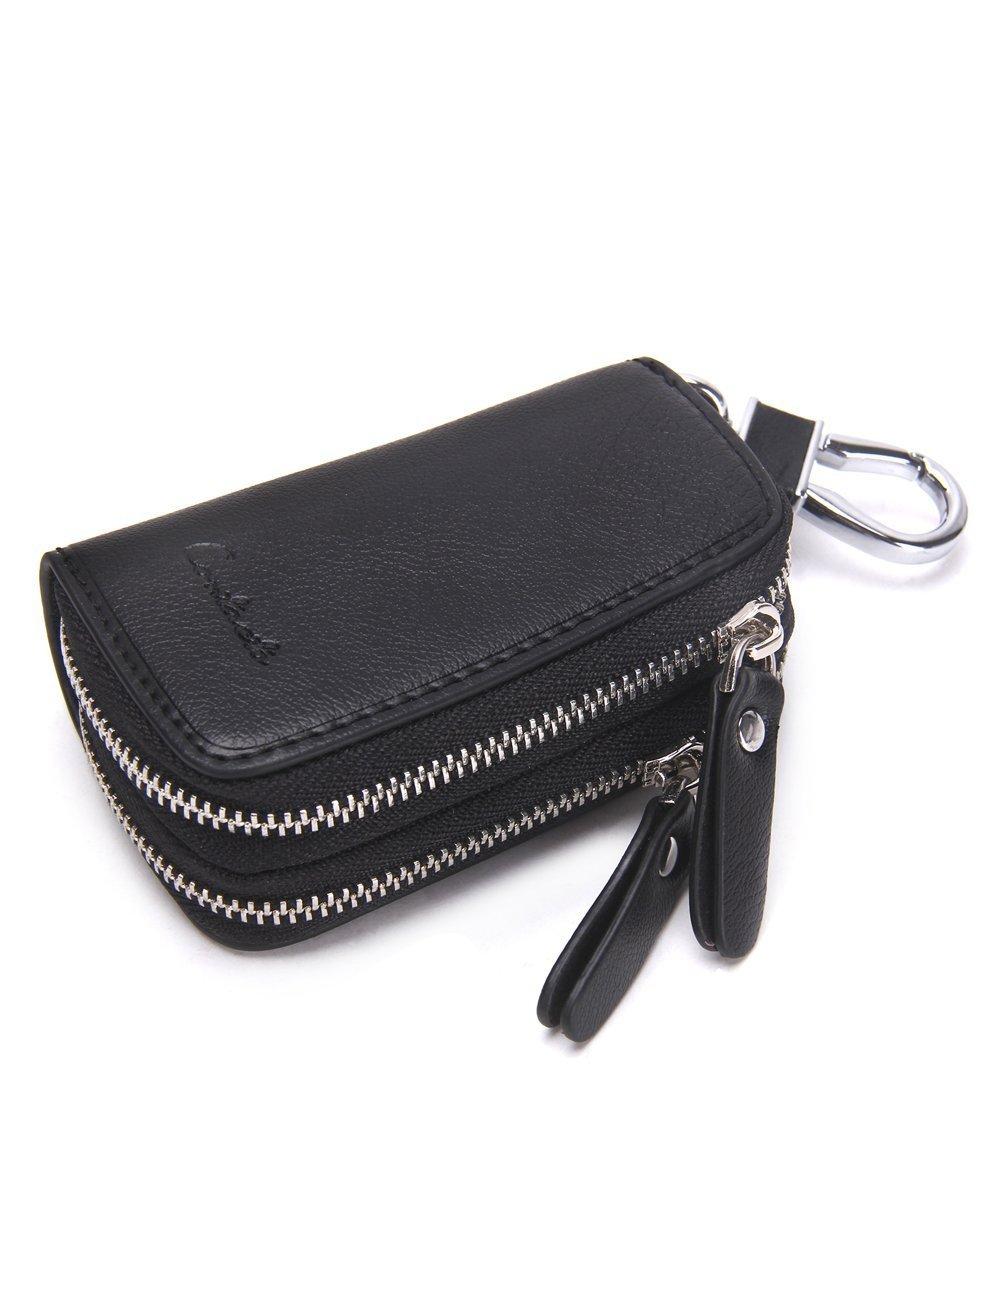 Noir HIRAM Porte-cl/é de Voiture en Cuir v/éritable Double Zipper Porte-cl/és Porte-Monnaie Porte-Monnaie